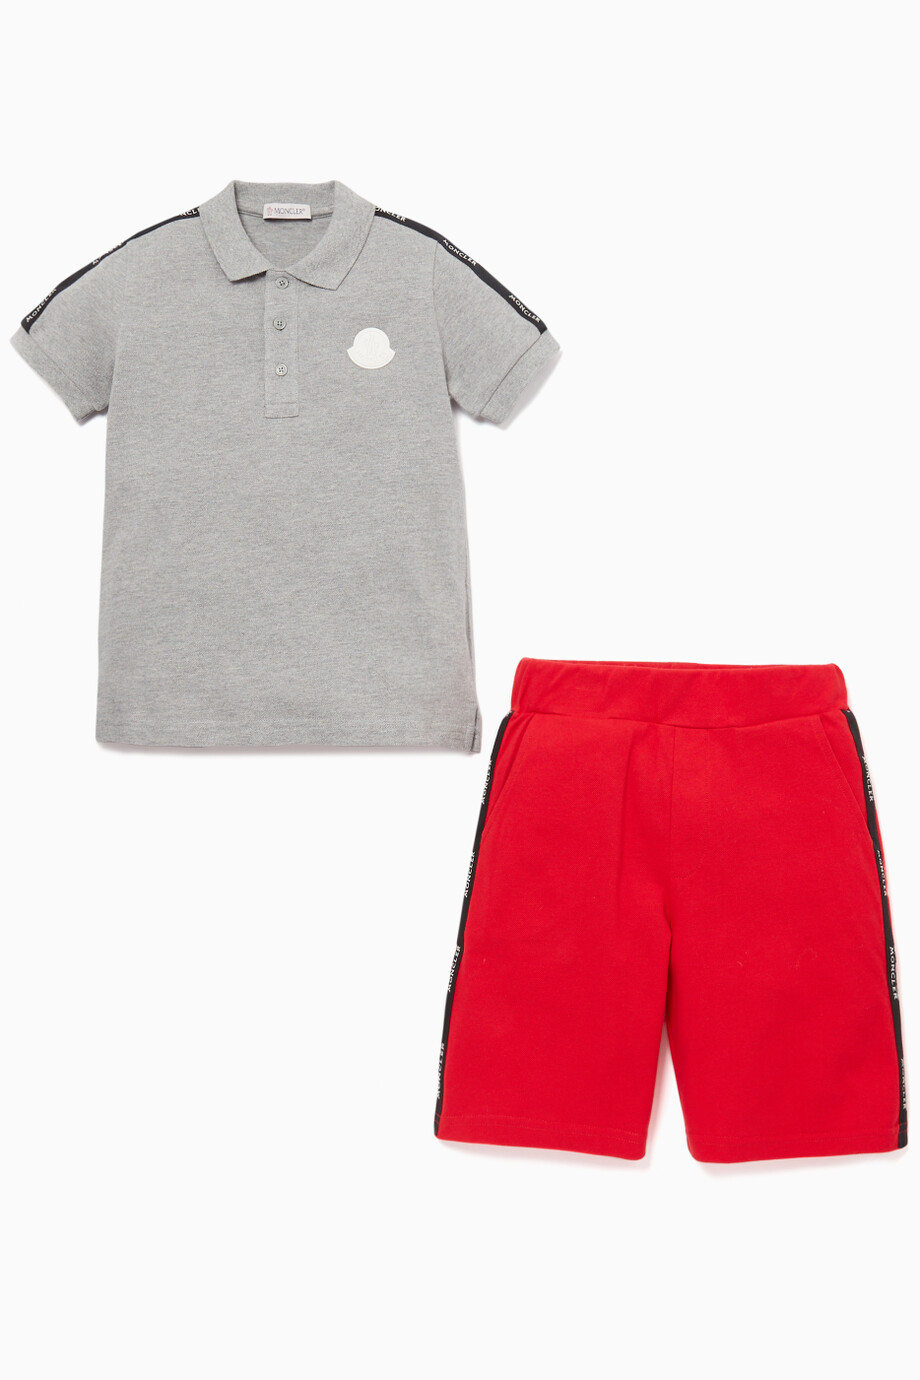 c3ede588e Shop Moncler Grey Polo Shirt & Shorts Set for Kids | Ounass